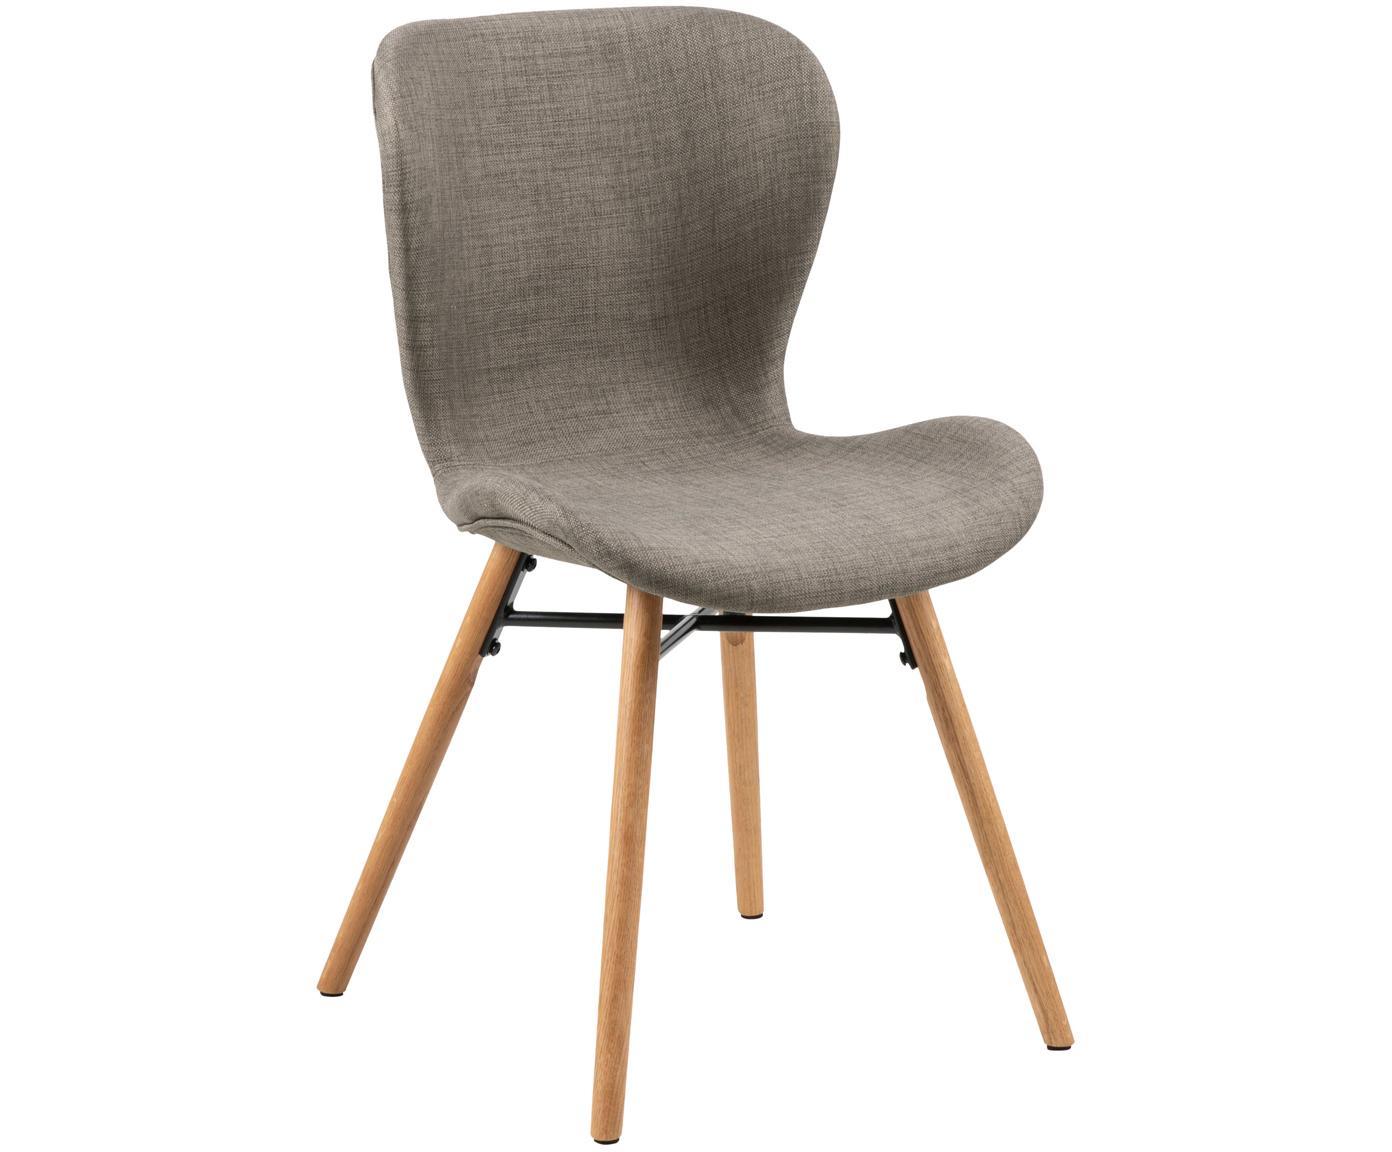 Krzesło tapicerowane Batilda, 2 szt., Tapicerka: poliester 25000 cykli w , Nogi: drewno dębowe, lite, laki, Khaki, S 56 x W 83 cm